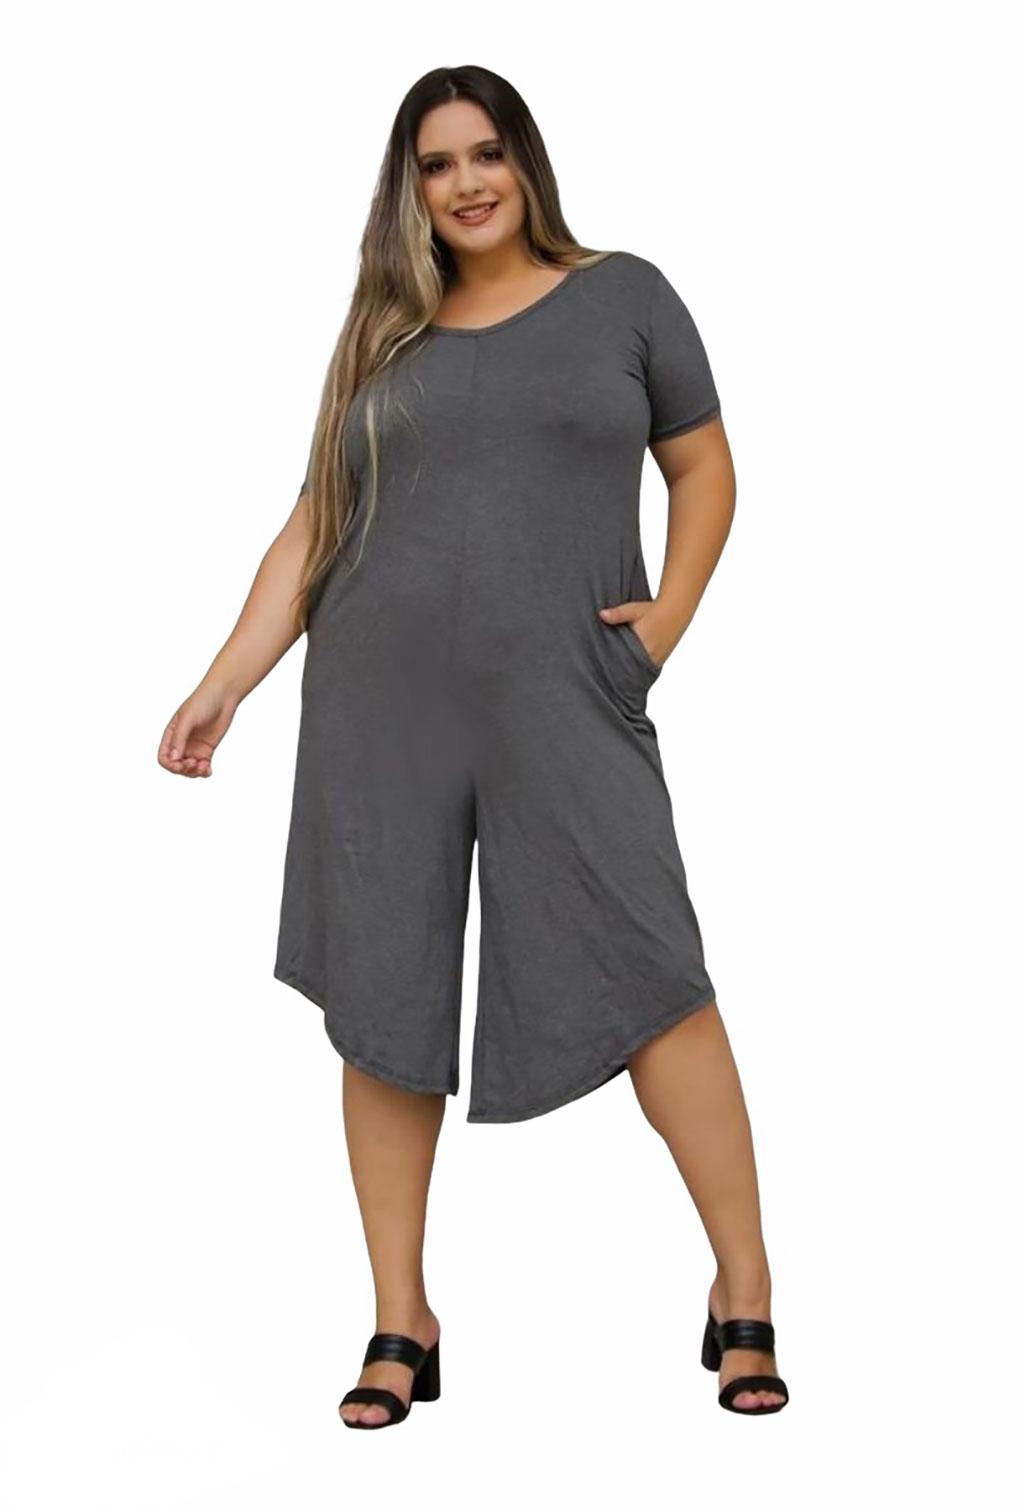 Macacão Assimétrico Feminino Plus Size Pantacourt Preço Atacado  - ModaStore | Moda Feminina